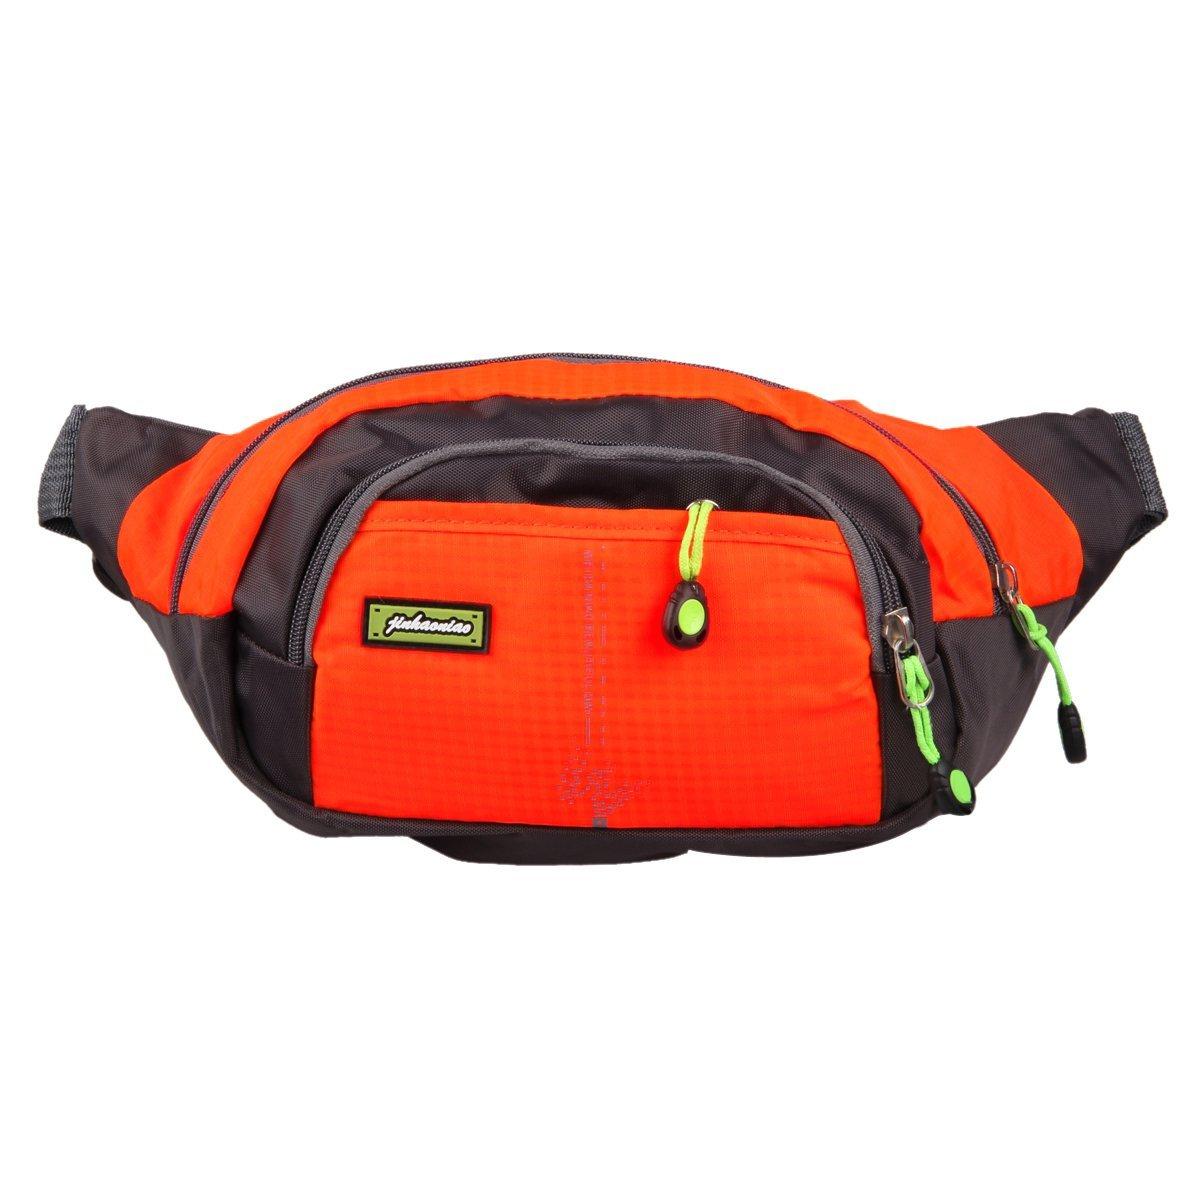 T/&D Waterproof Waist Pack//Running Belt for Outdoors Carrying Iphone//Samsung